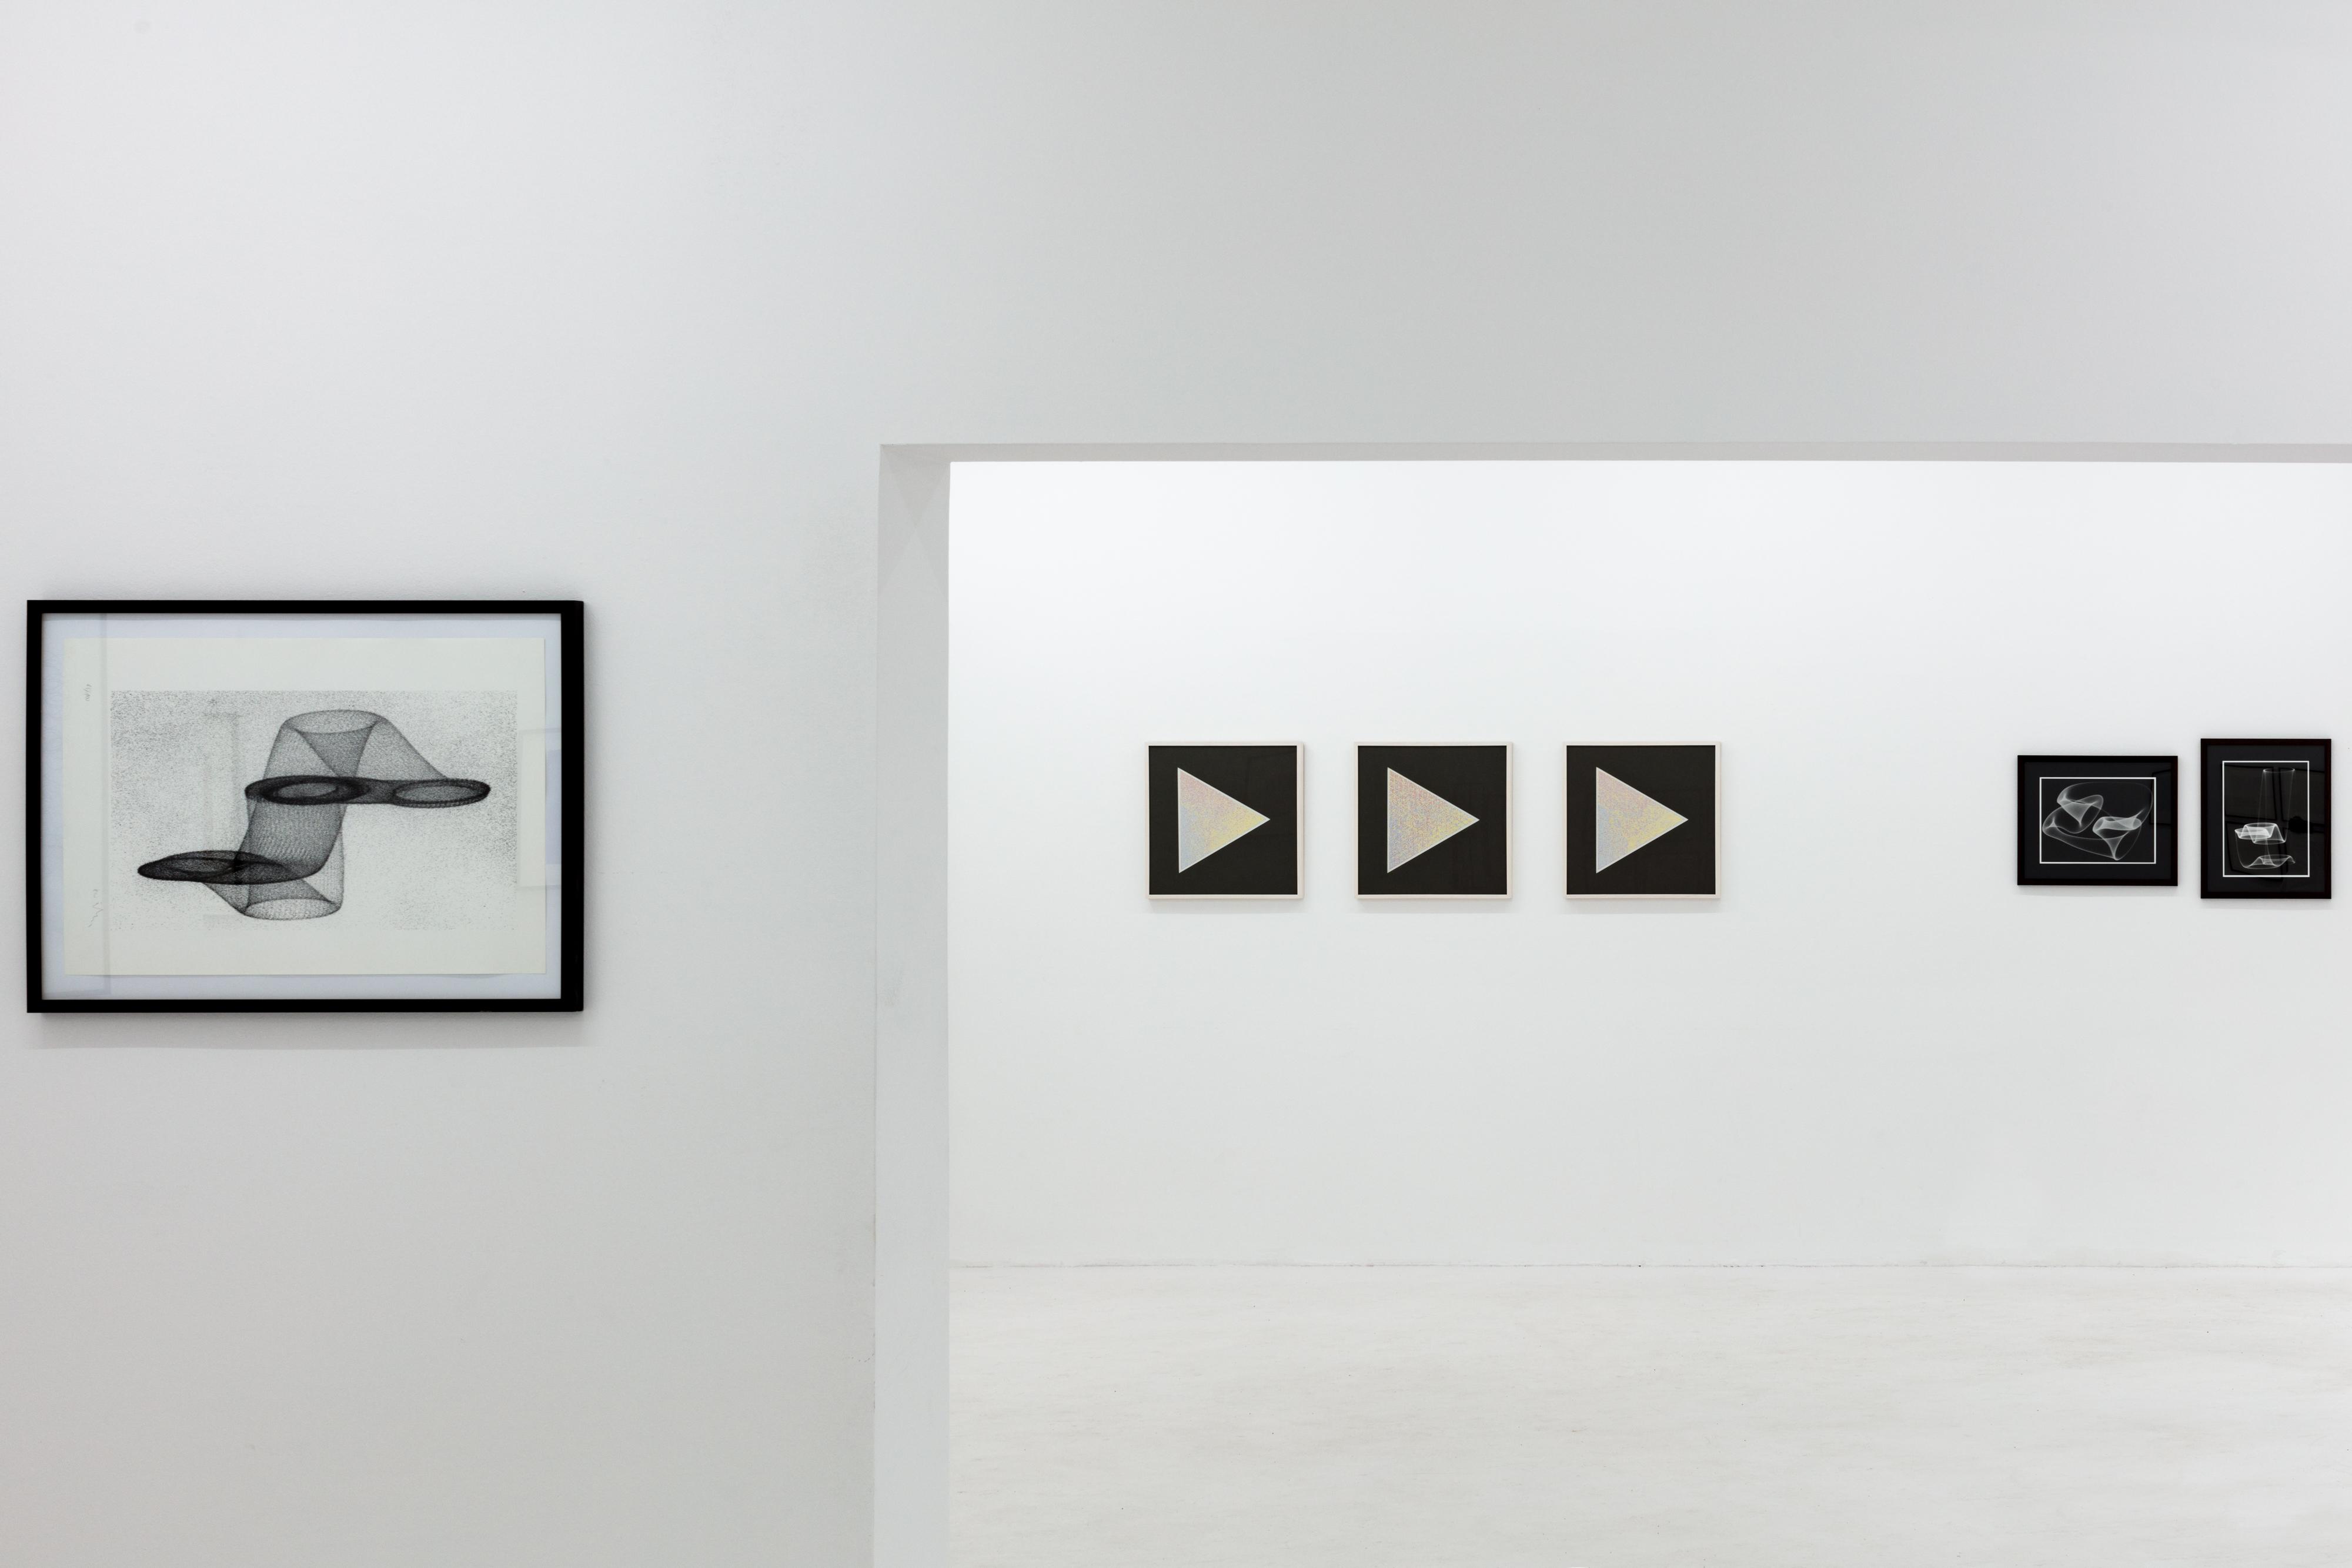 Computer-Grafik 1984, installation view, 2018